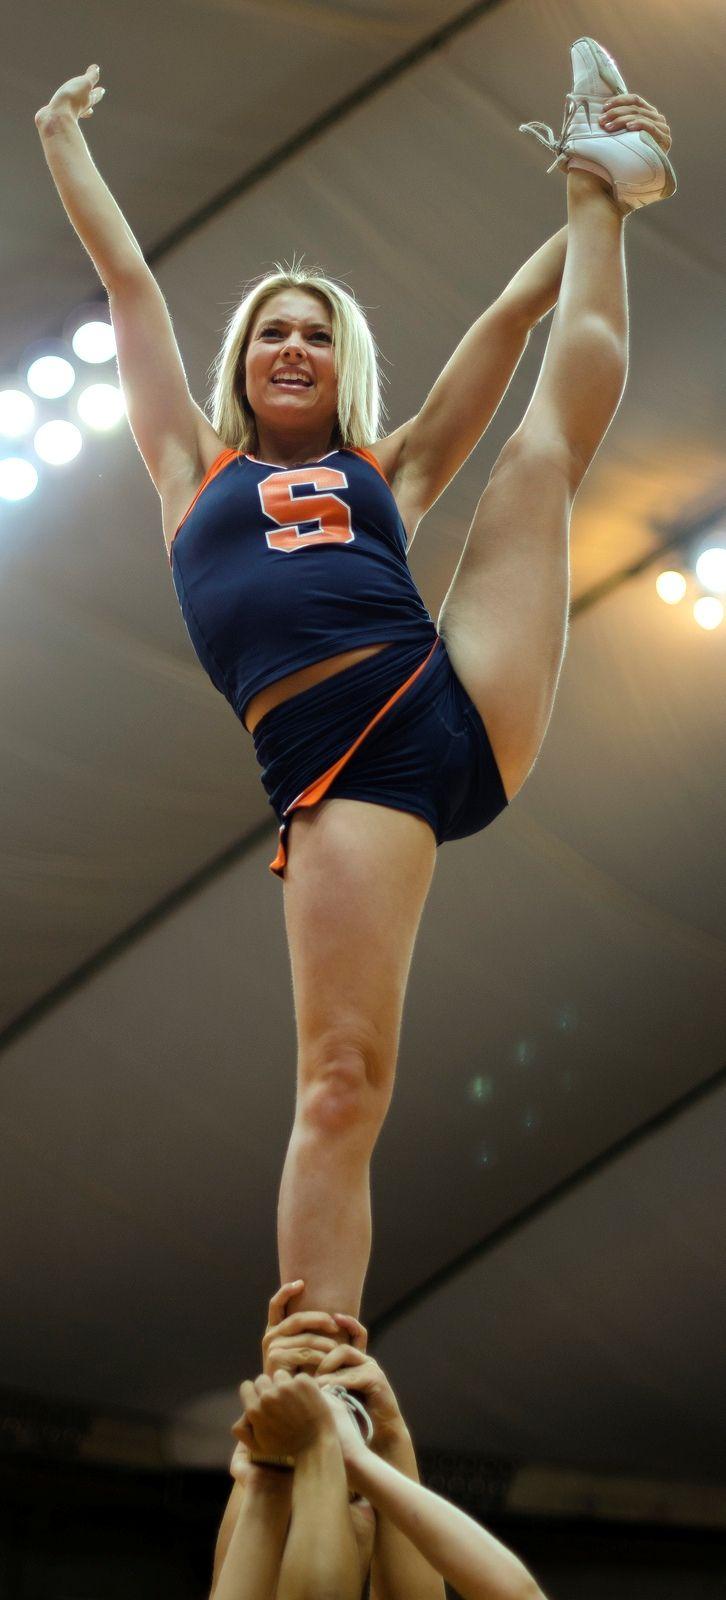 Memphis cheerleader upskirt pictures galleries 258